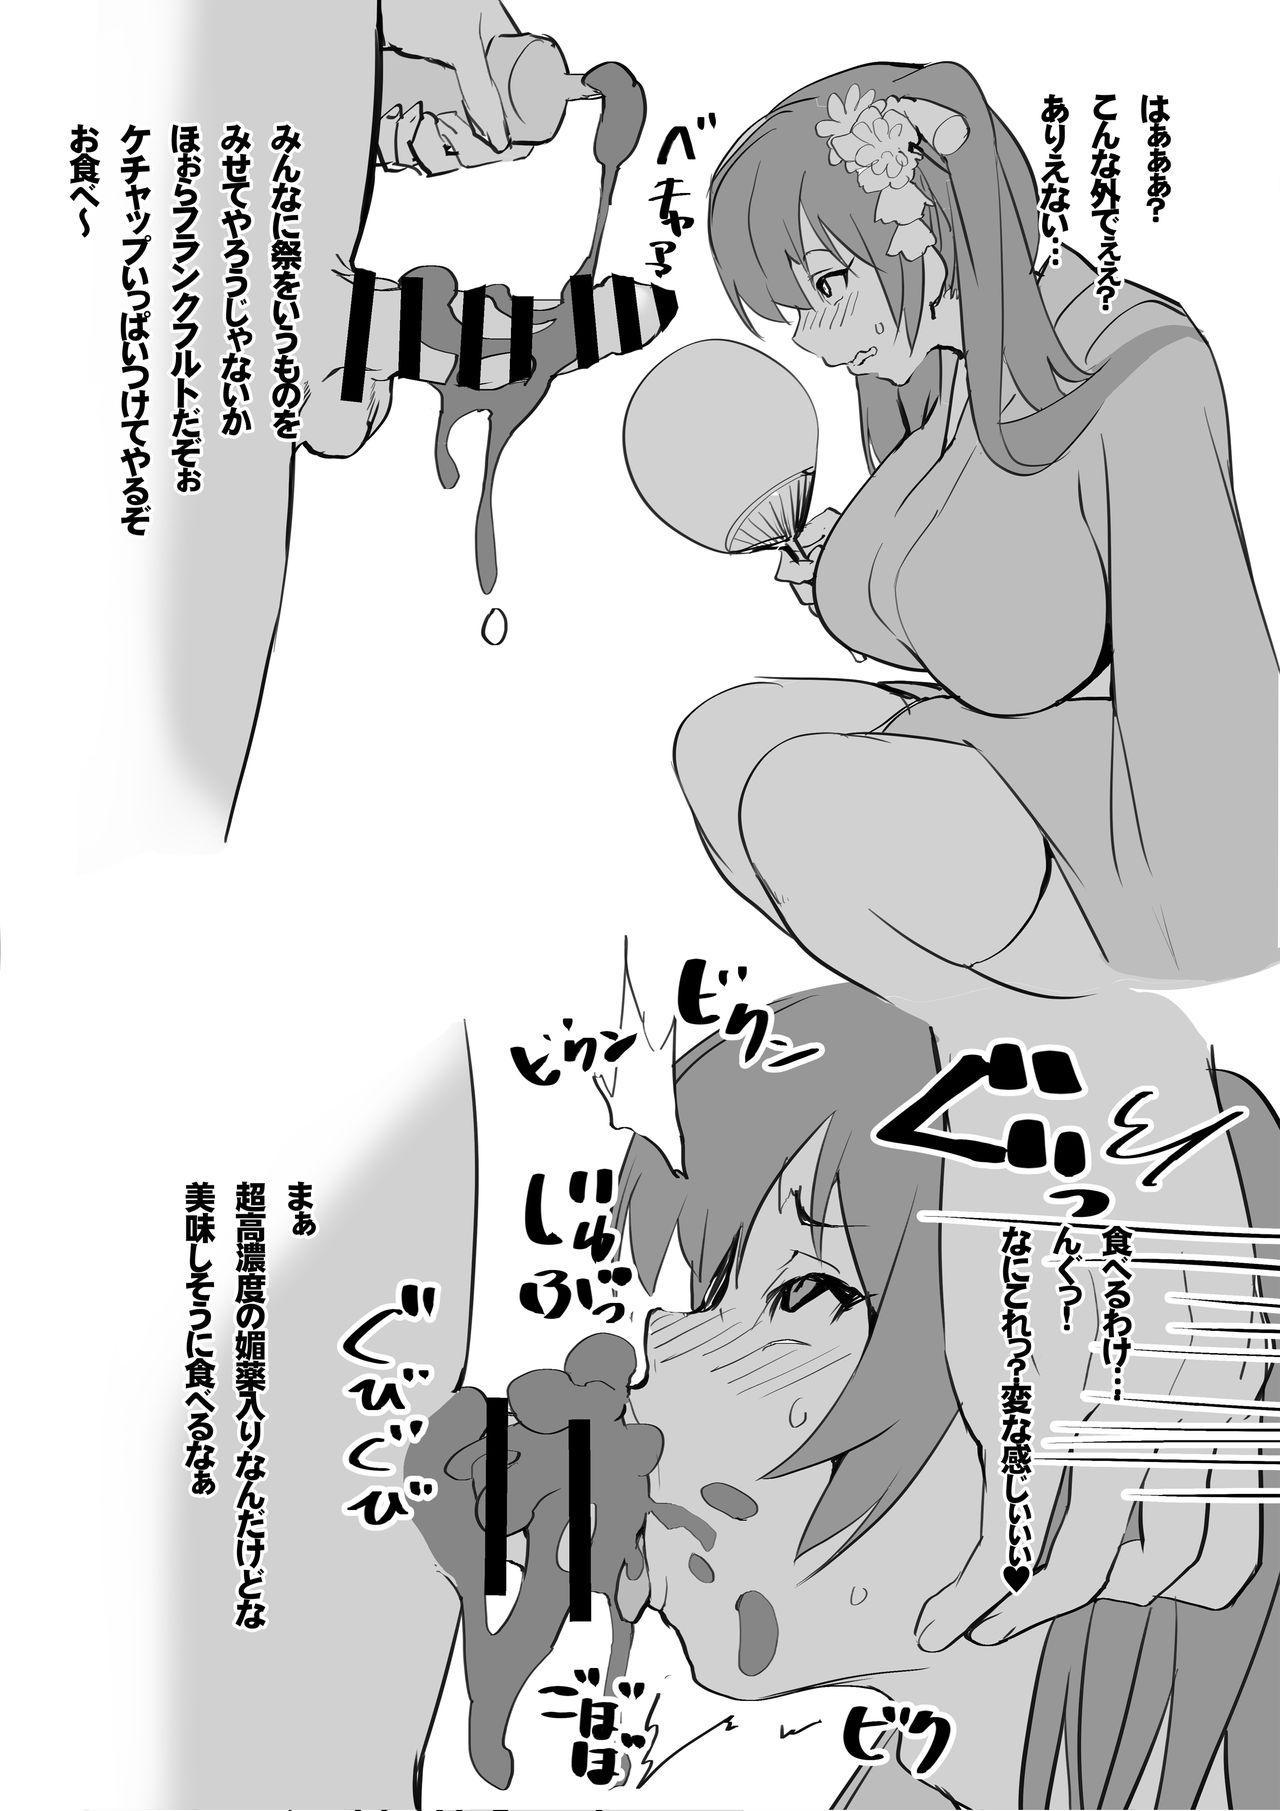 Mukakin Shirei ni Yubiwa o Kawaseru Saigo no Houhou 5 22